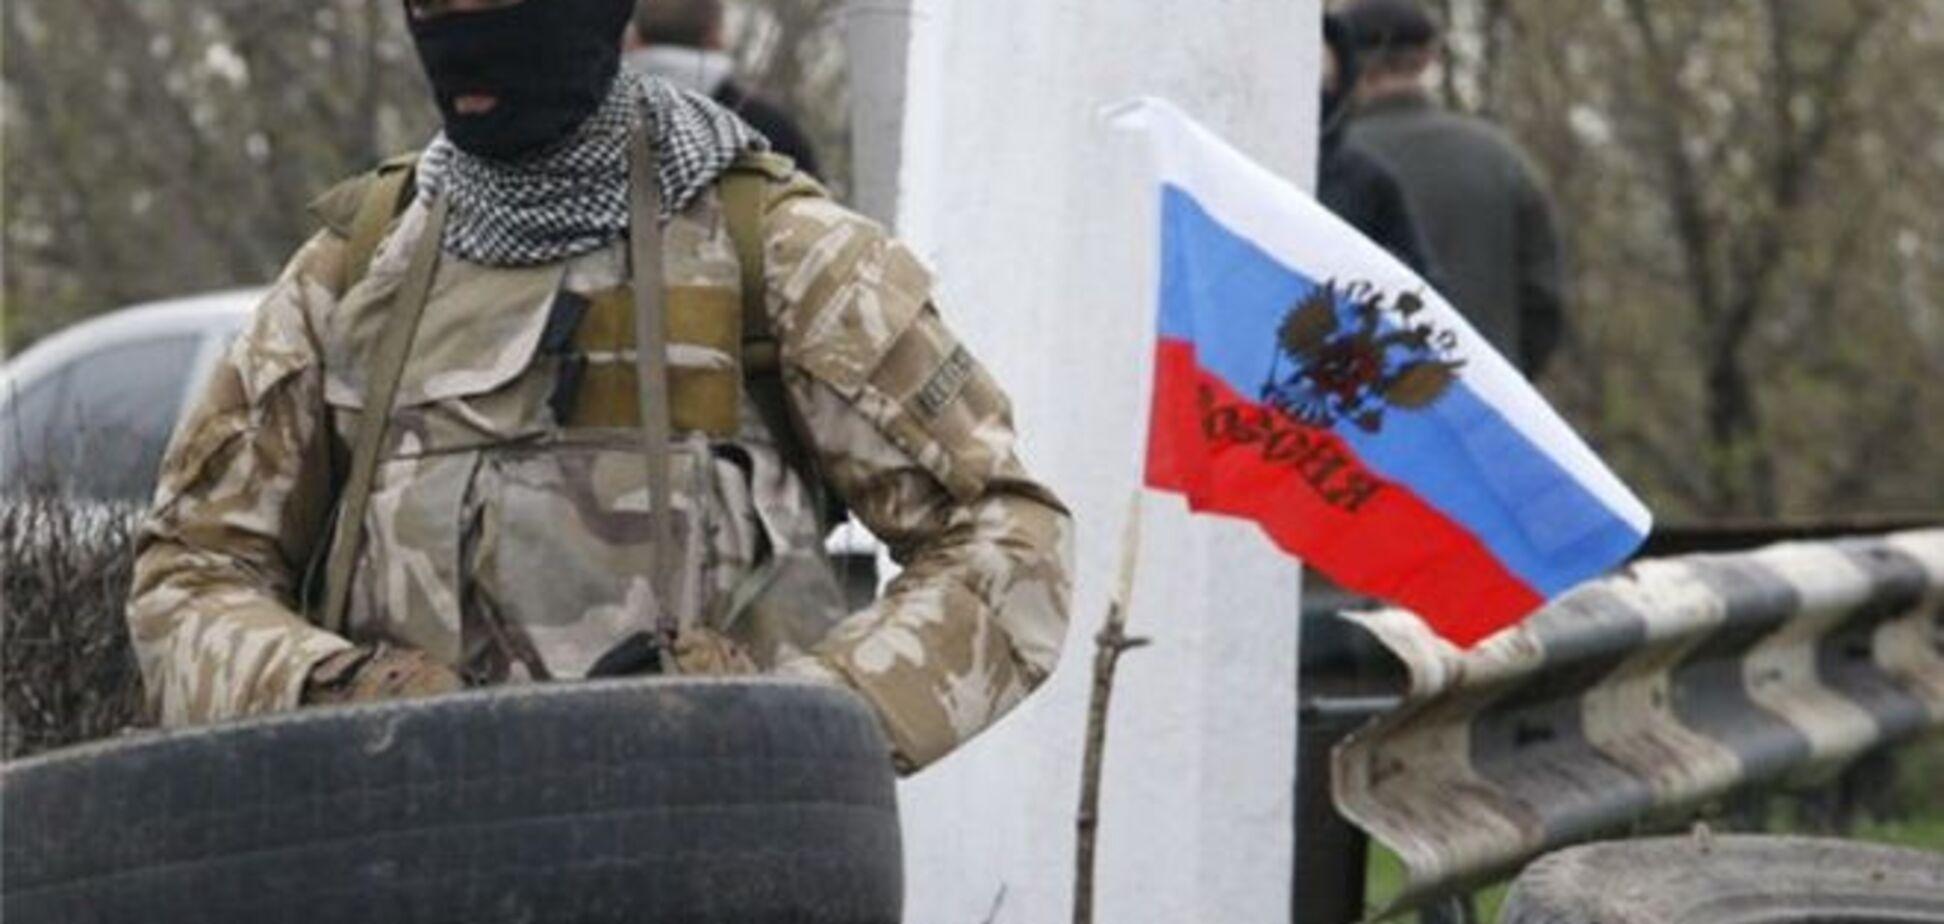 СБУ получила доказательства причастности к терроризму 46 россиян